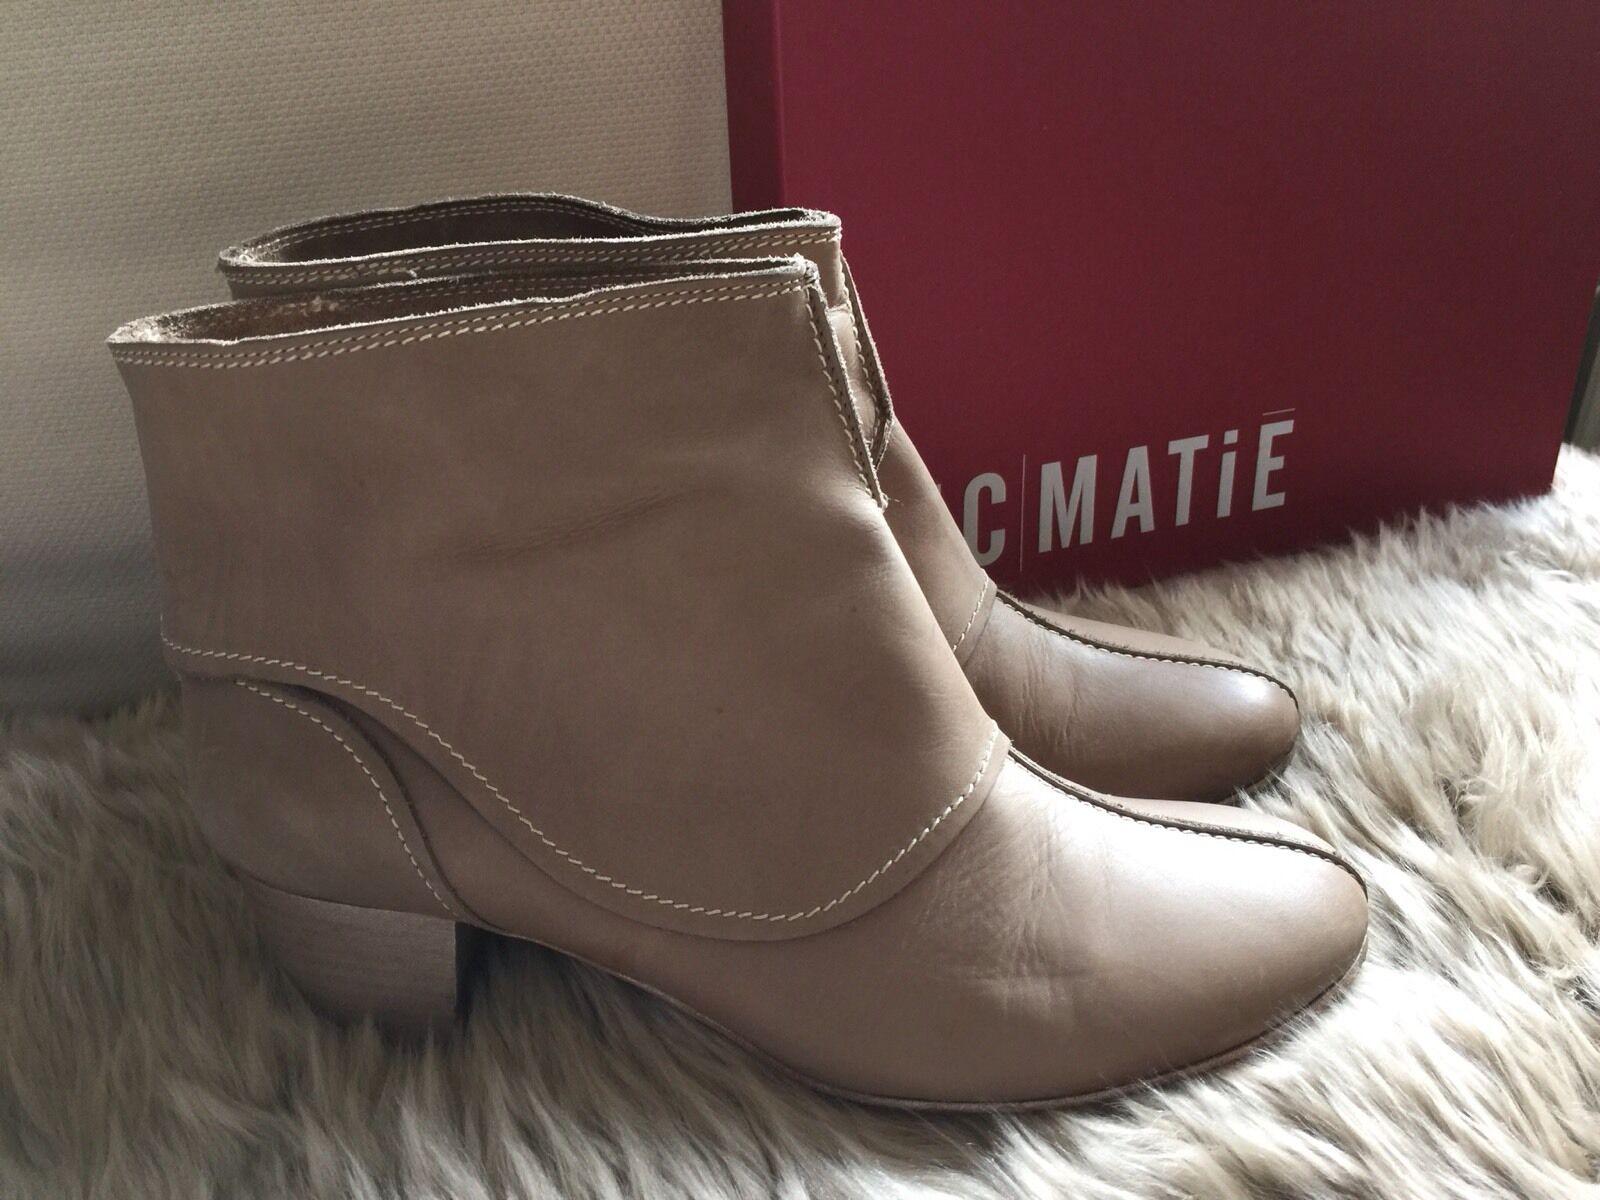 ViC MATiE Stiefeletten Leder Umschlag Ankle Stiefel Booties Vintage Stone Beige